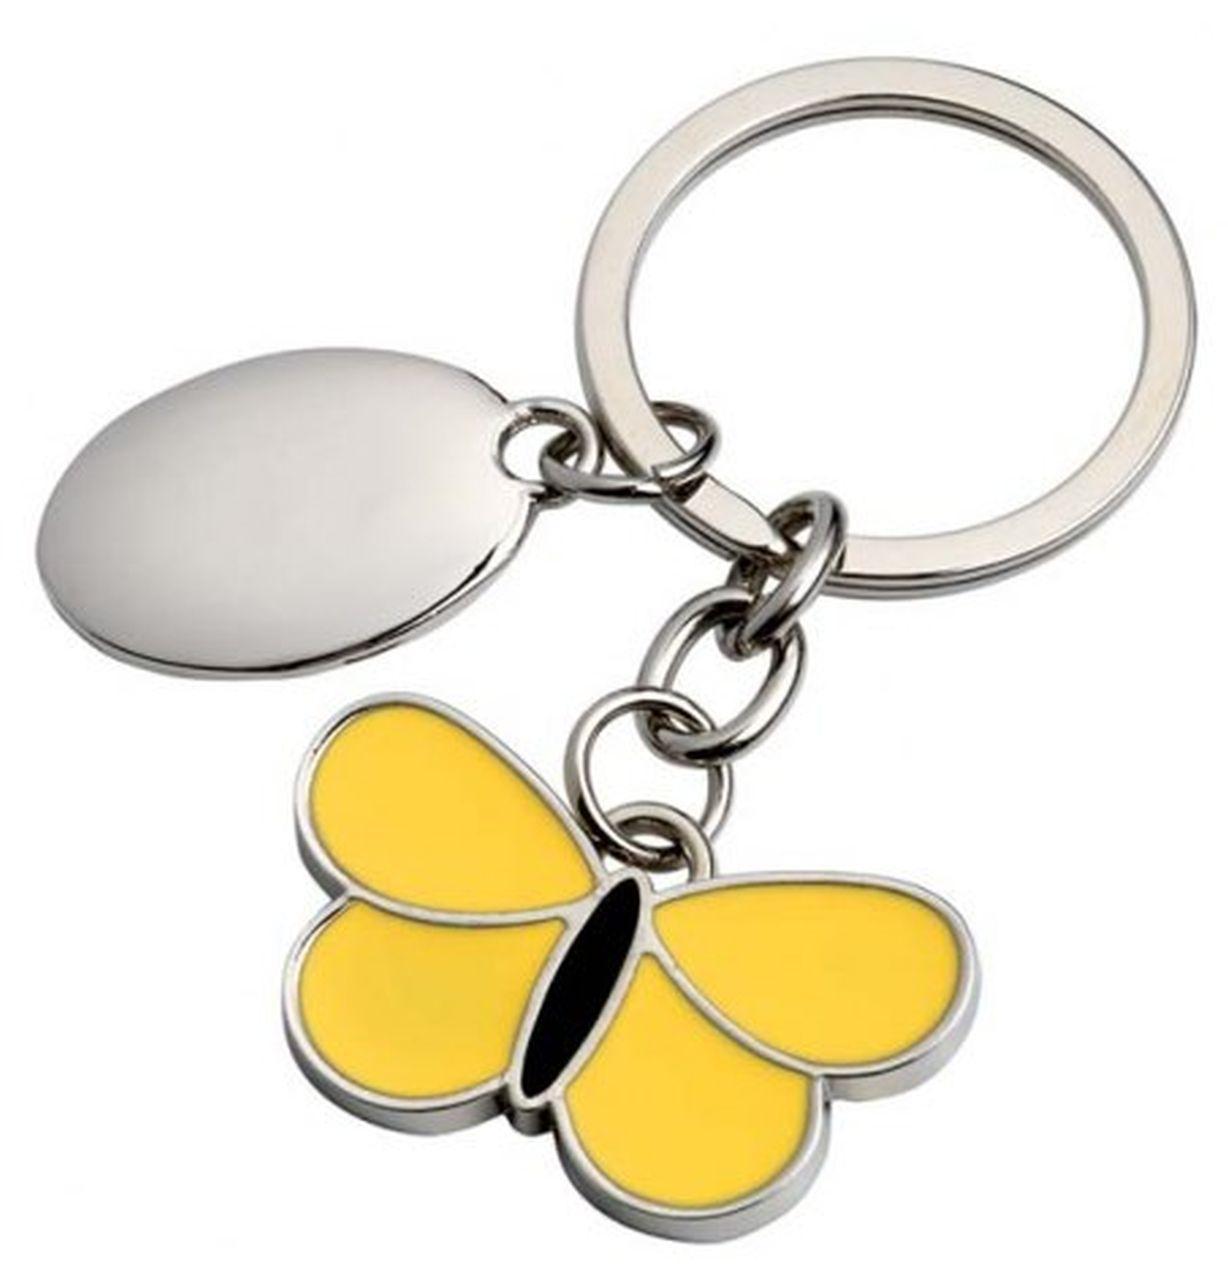 Portachiavi farfalla gialla nera